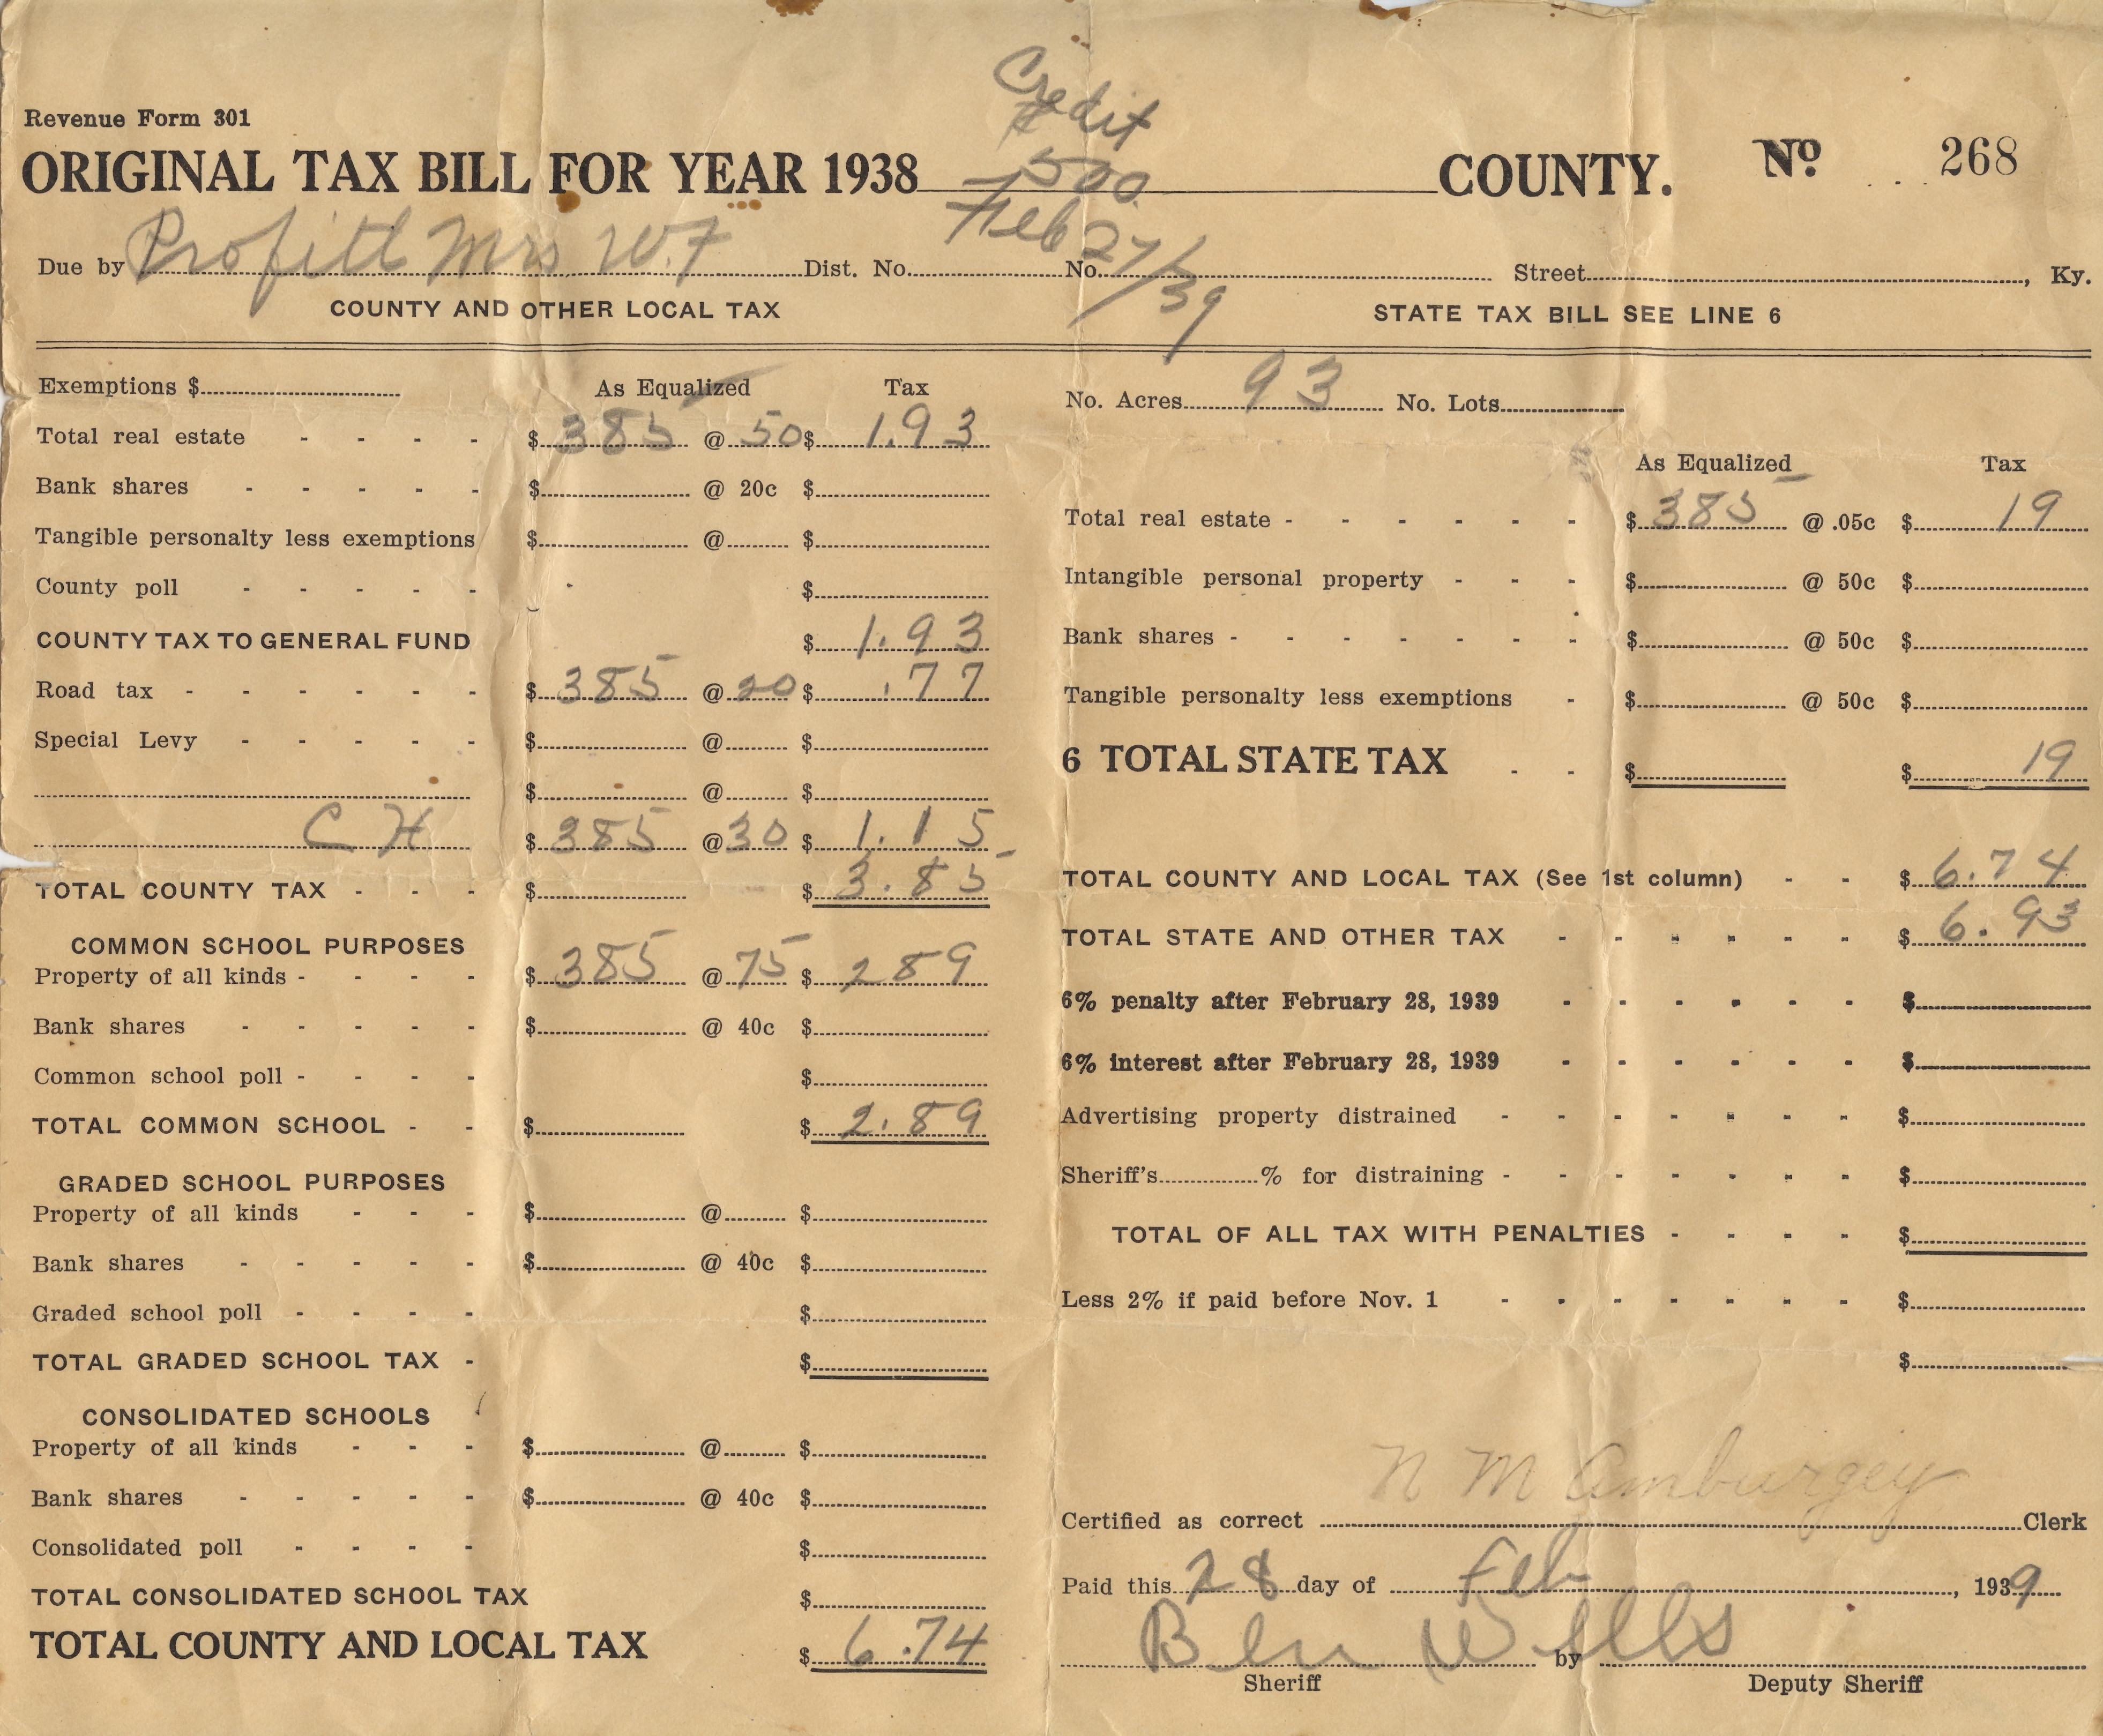 John M Tax Bill 1938